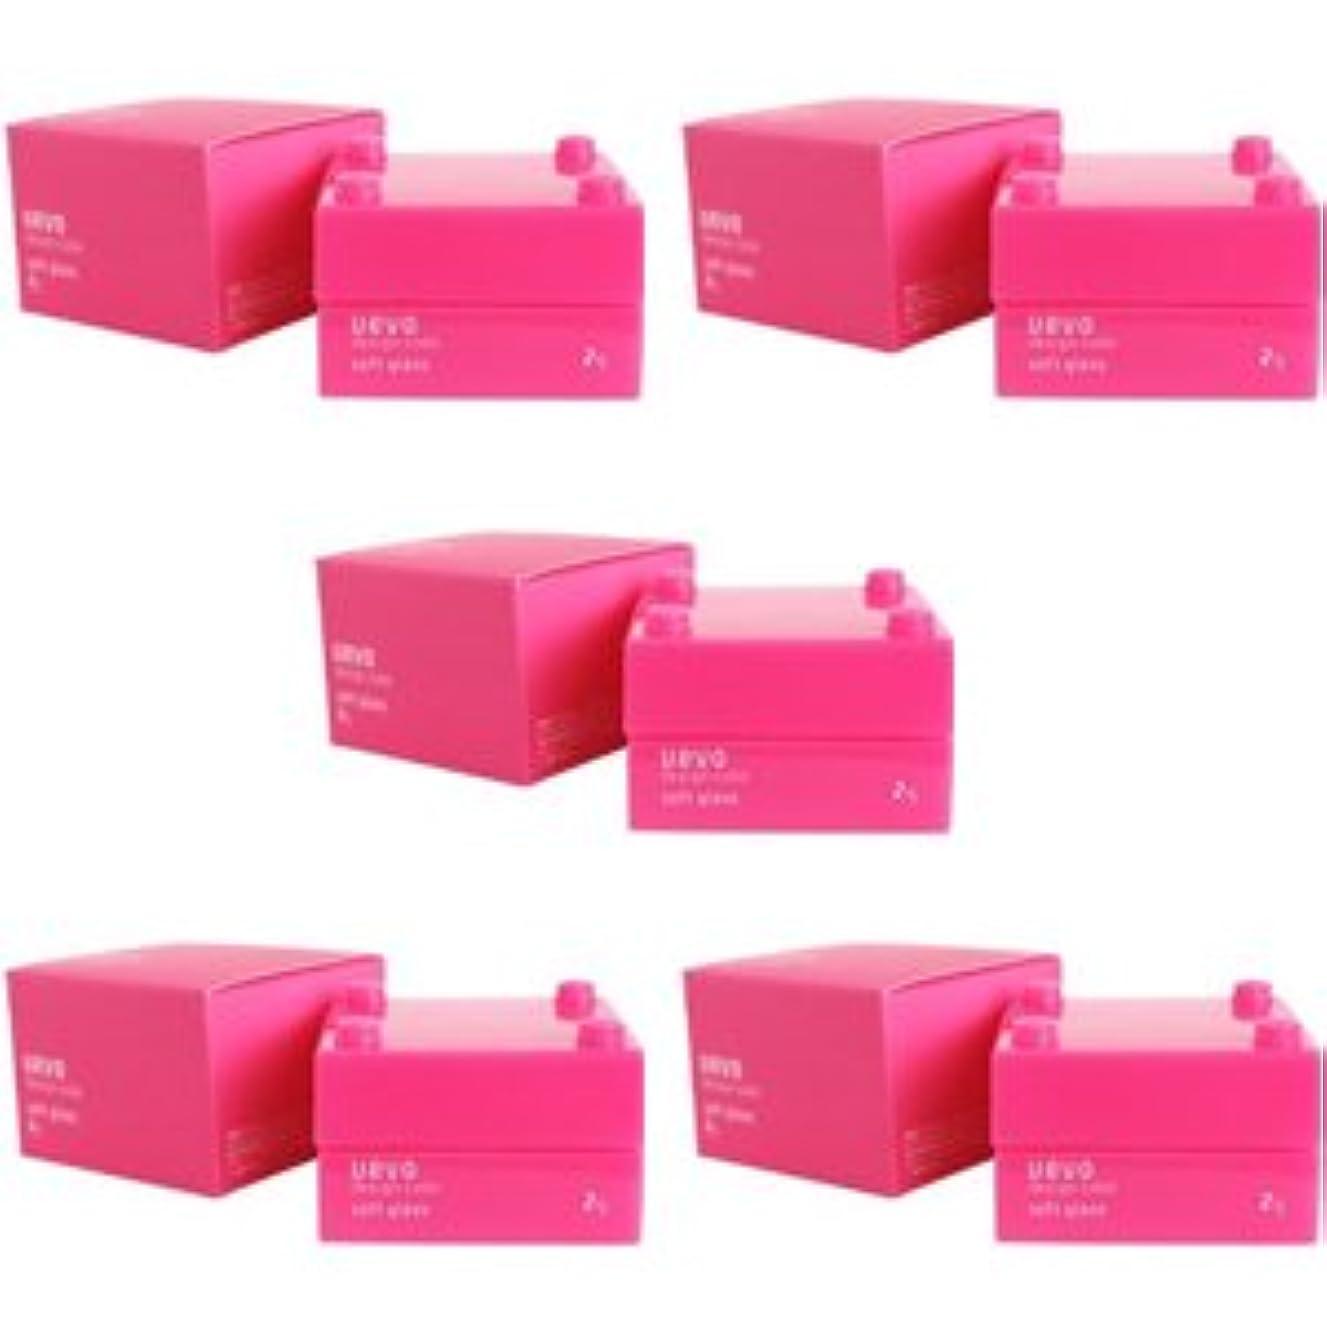 機動先祖設計【X5個セット】 デミ ウェーボ デザインキューブ ソフトグロス 30g soft gloss DEMI uevo design cube